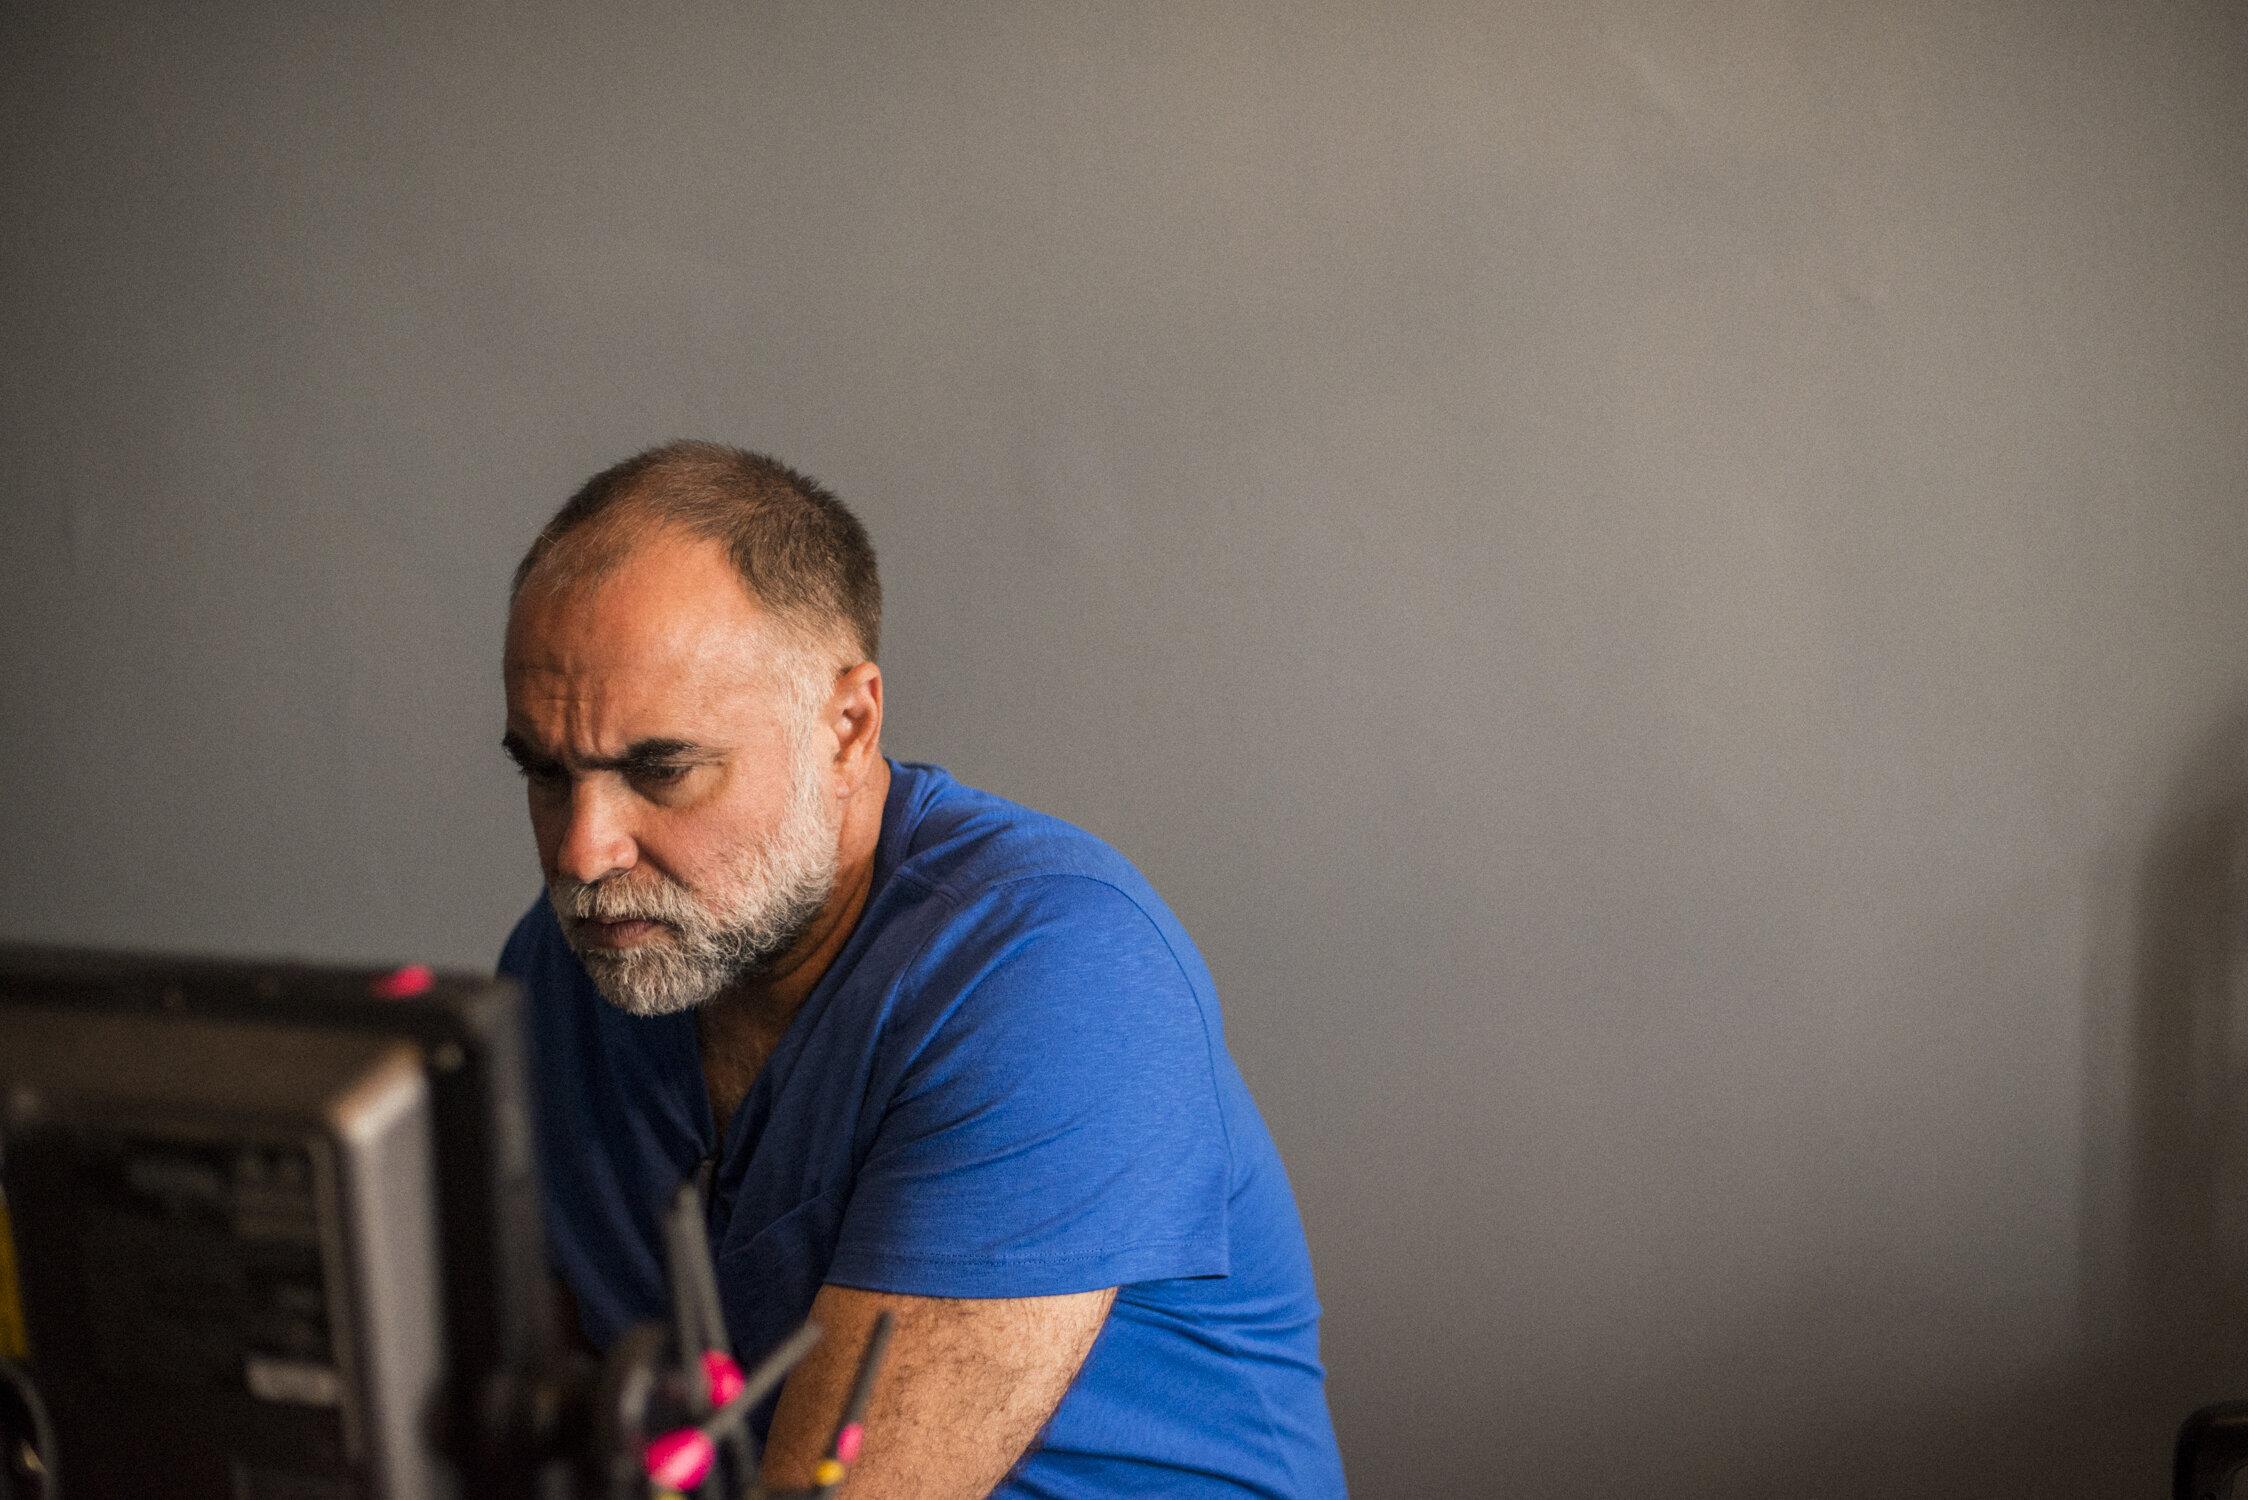 'Uma triste ironia', diz Karim Aïnouz sobre o Brasil no Festival de